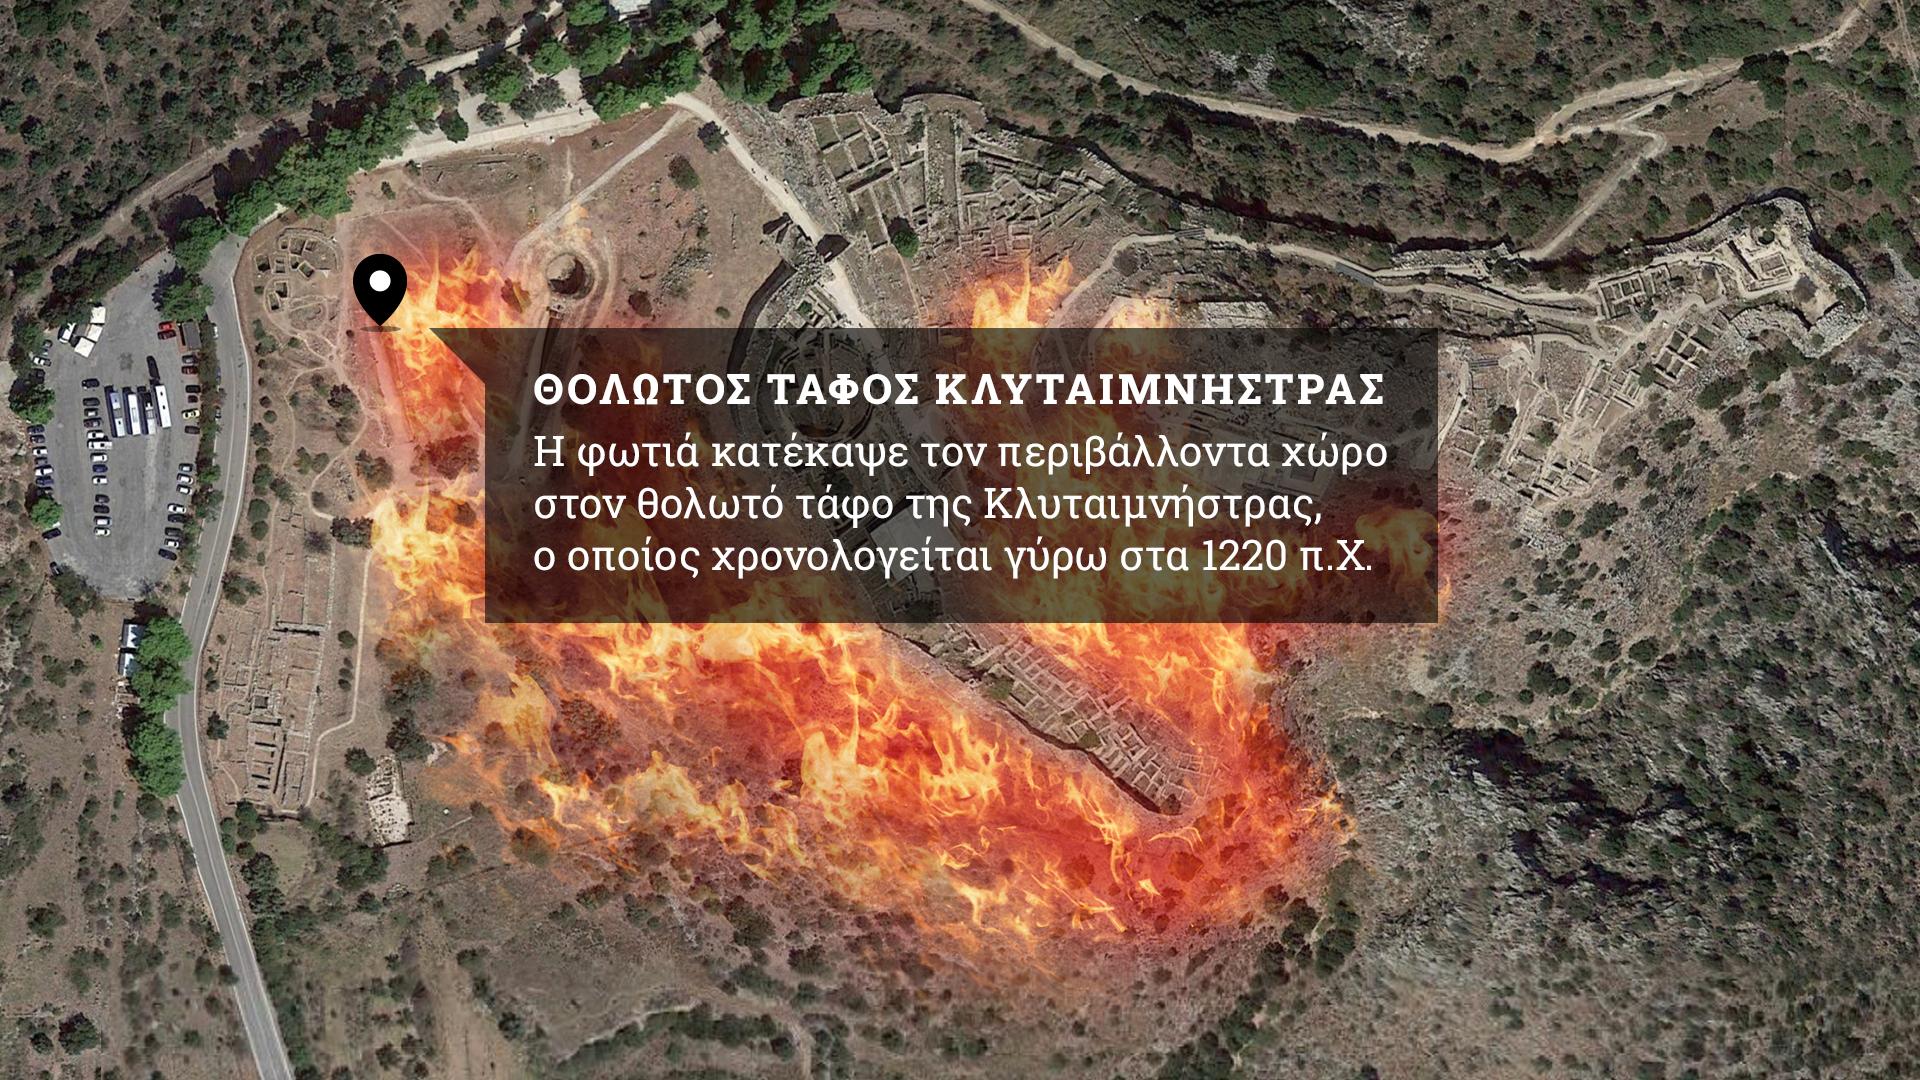 Το NEWS 24/7 στις Μυκήνες: Μνημείο Πολιτιστικής Κληρονομιάς ή μνημείο ανευθυνότητας;